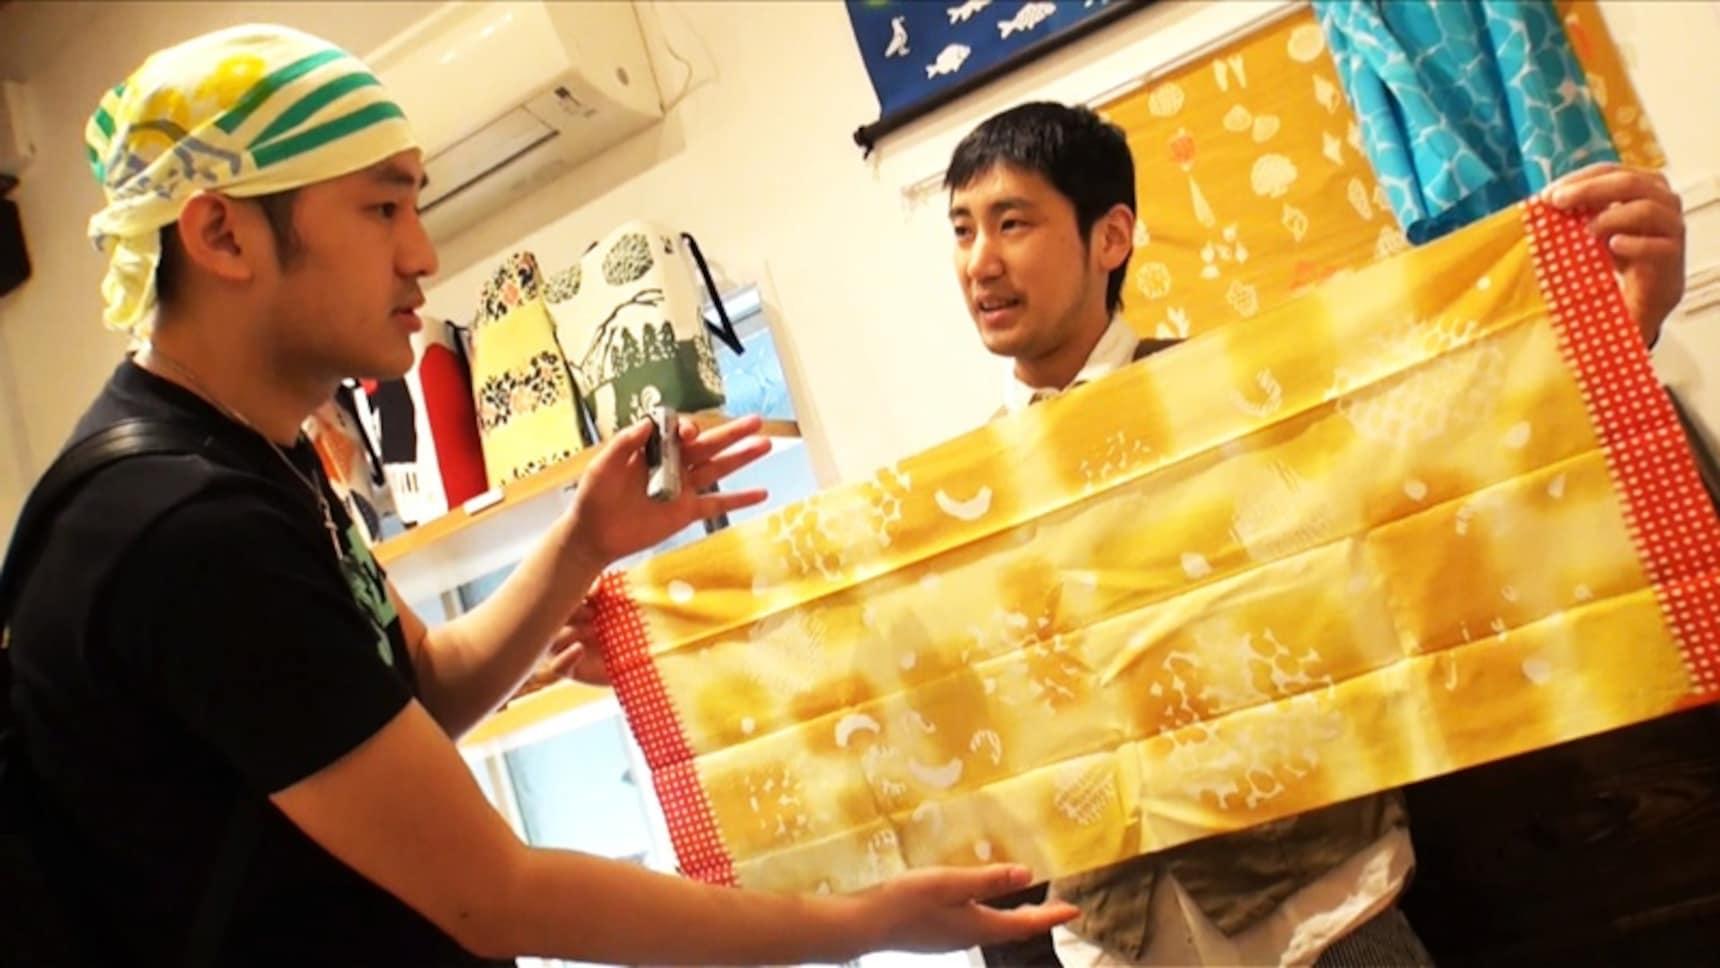 和風渲染的日本手巾:手ぬぐい